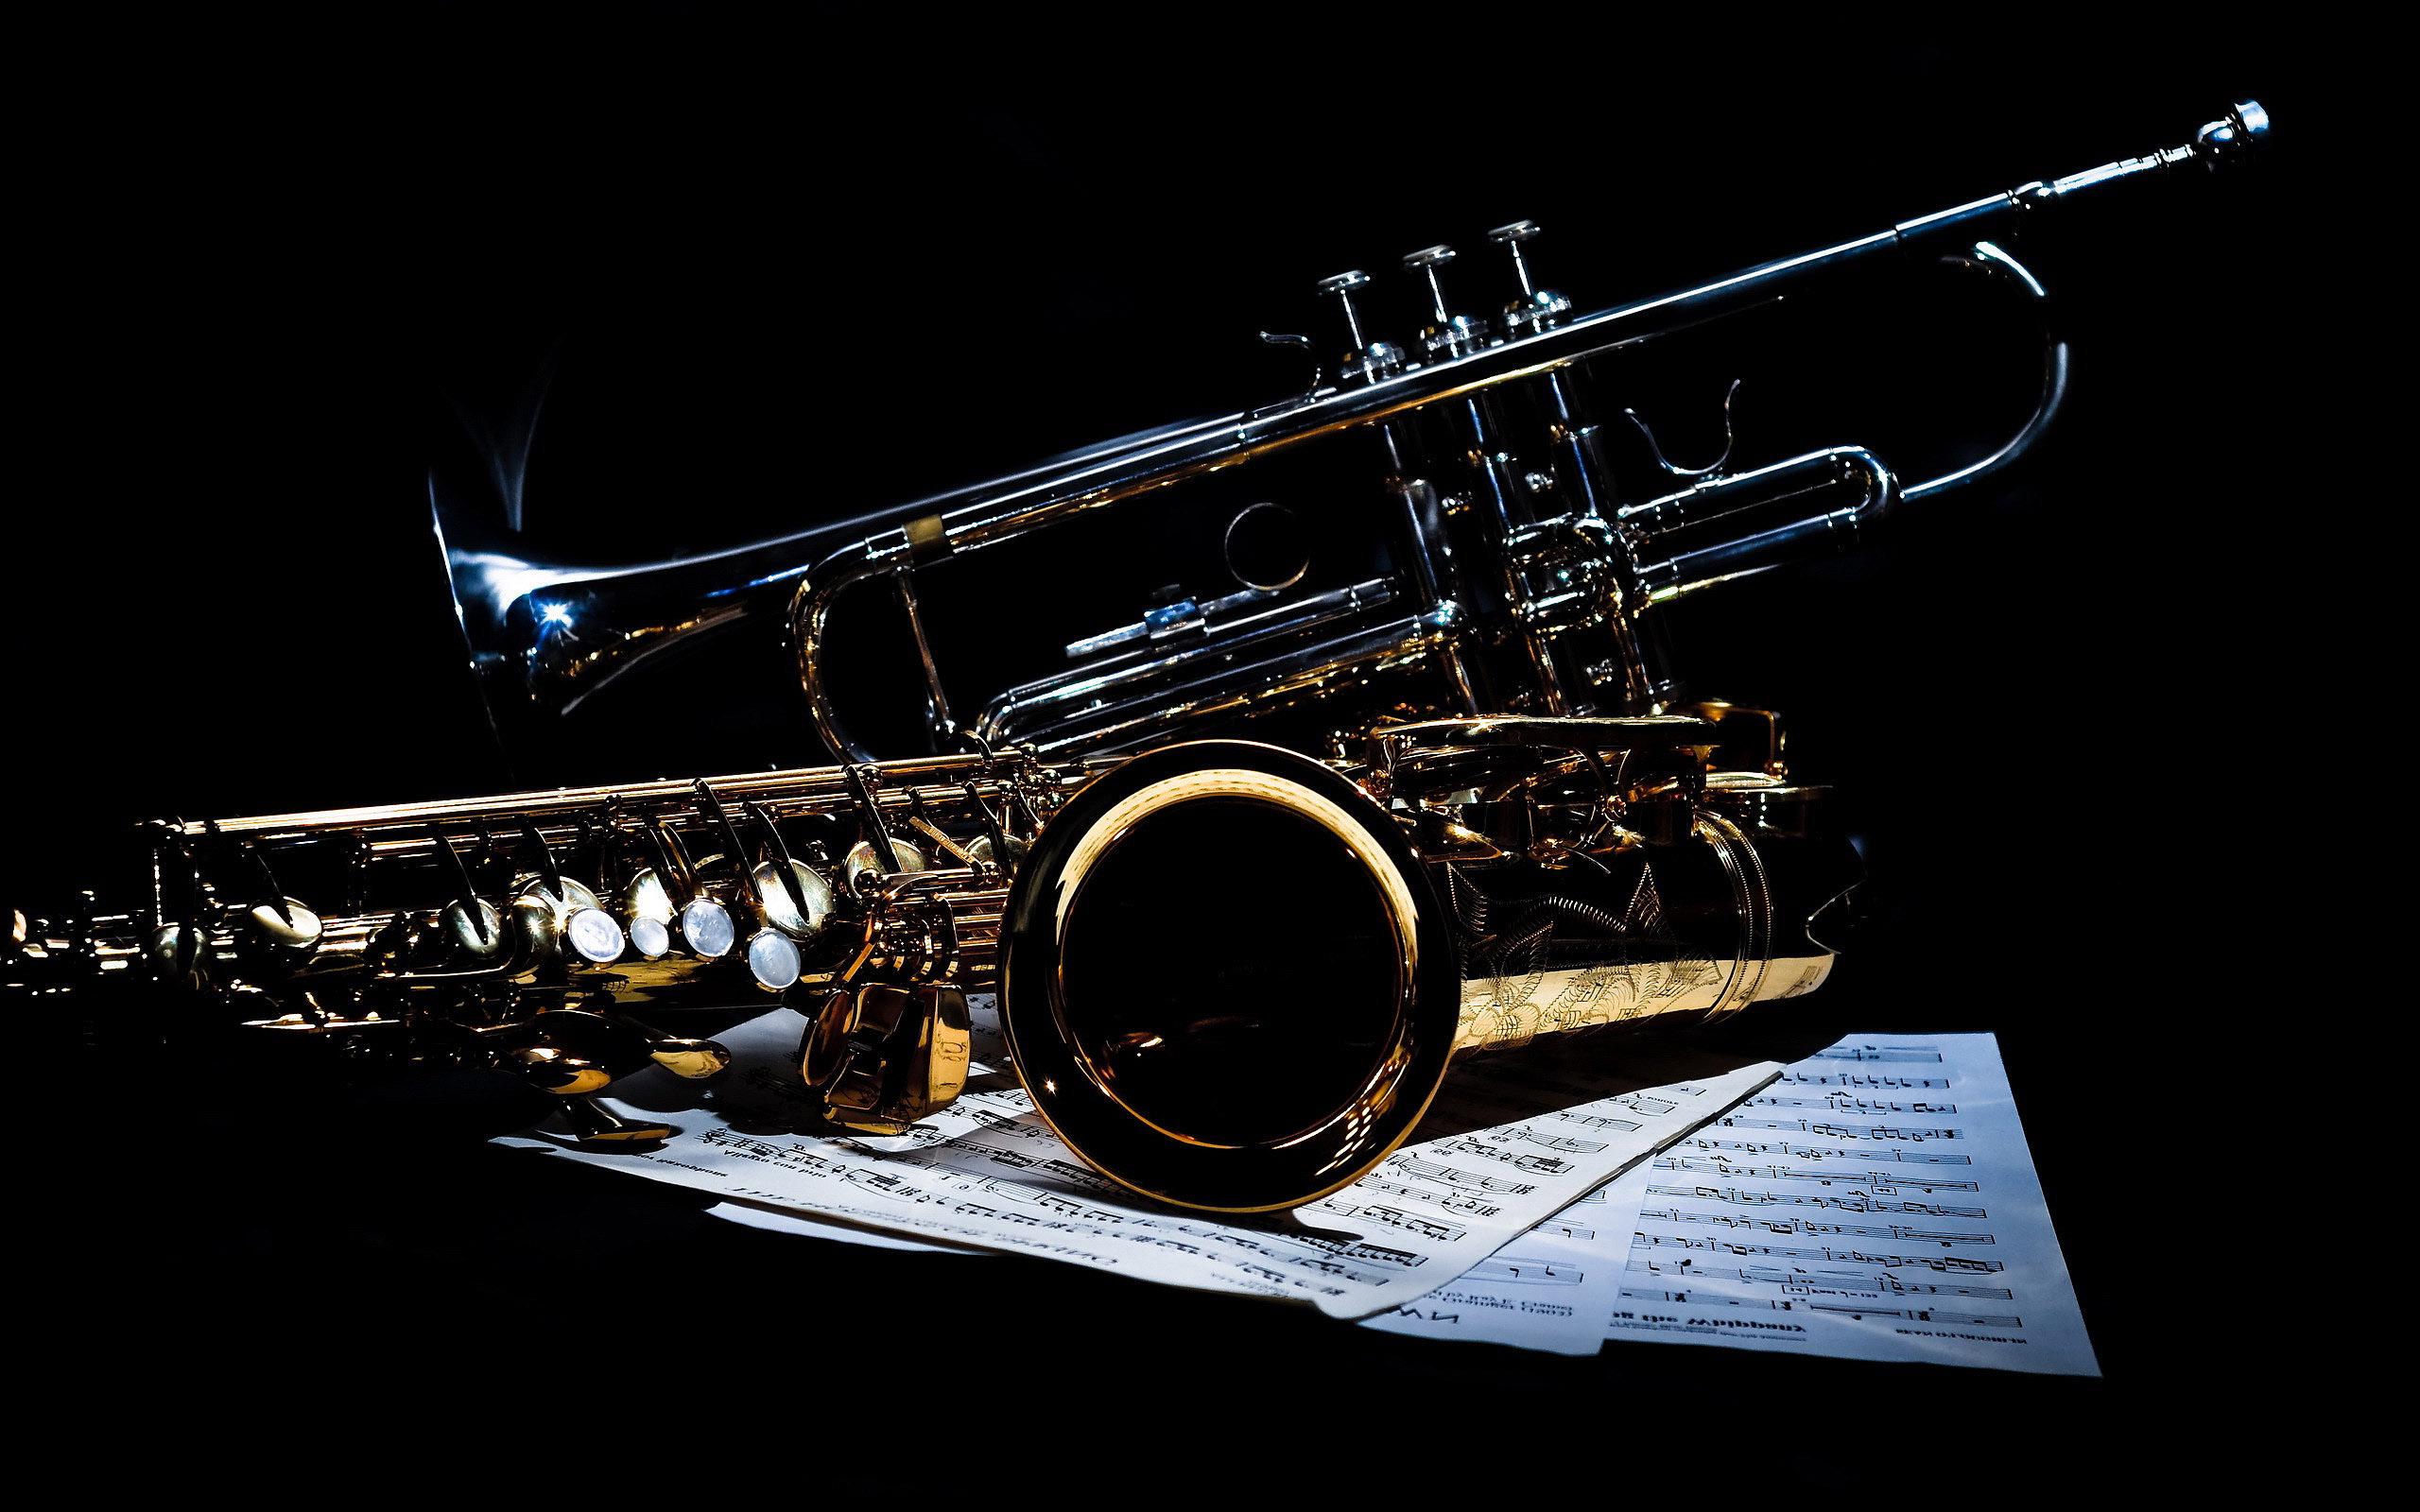 Саксофоны на черном фоне, музыка, 2560 на 1600 пикселей